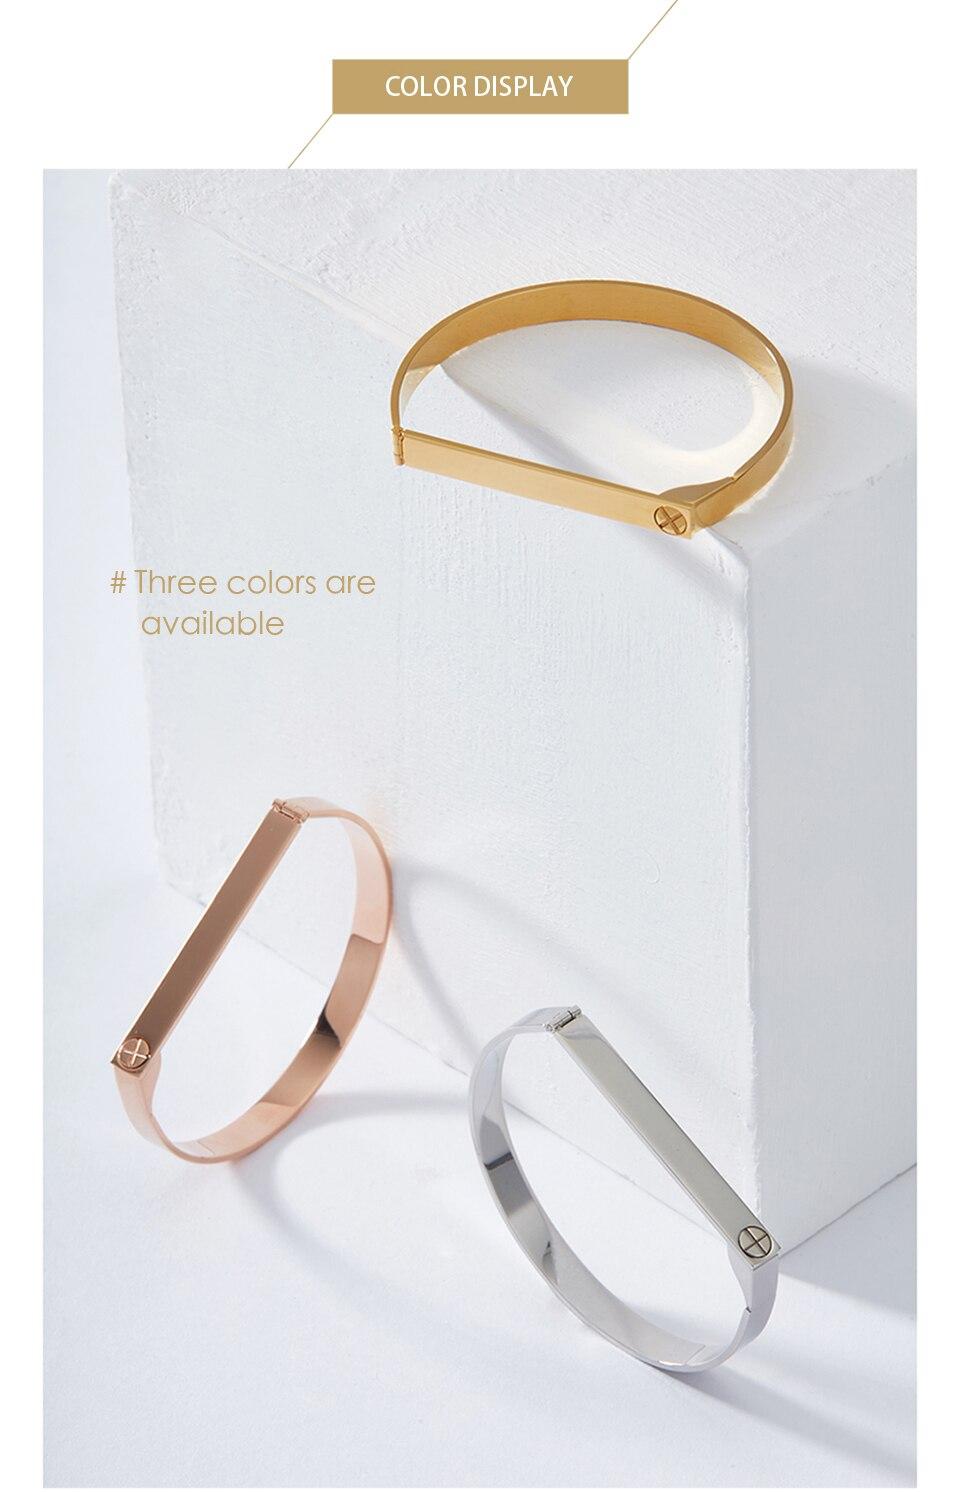 Enfashion Personalized Engraved Name Bracelet Gold Color Bar Screw Bangle Lovers Bracelets For Women Men Cuff Bracelets Bangles 11